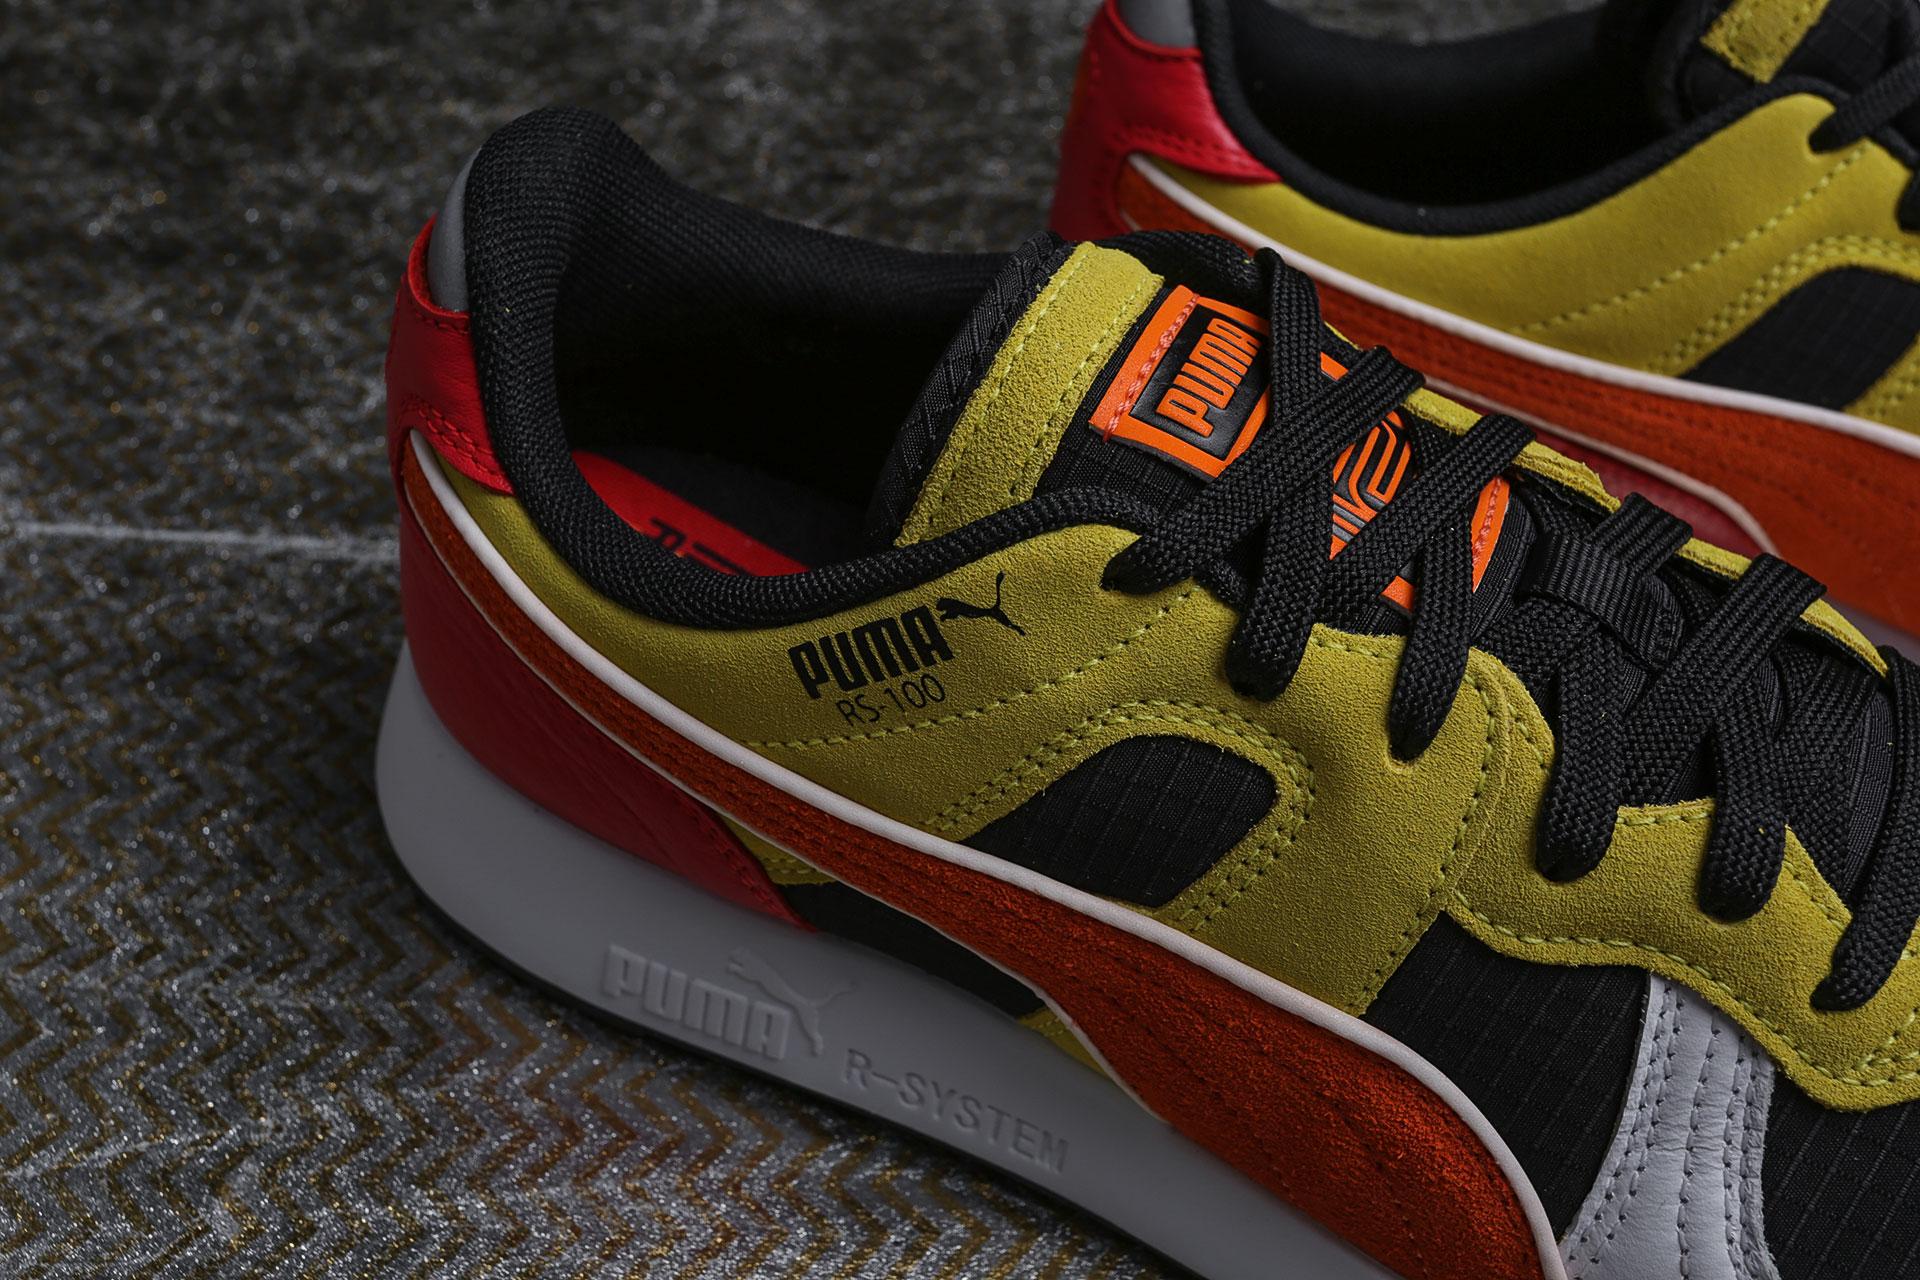 ... Купить мужские мультиколые кроссовки Puma RS-100 x Roland - фото 3  картинки ... 843595681f5e5